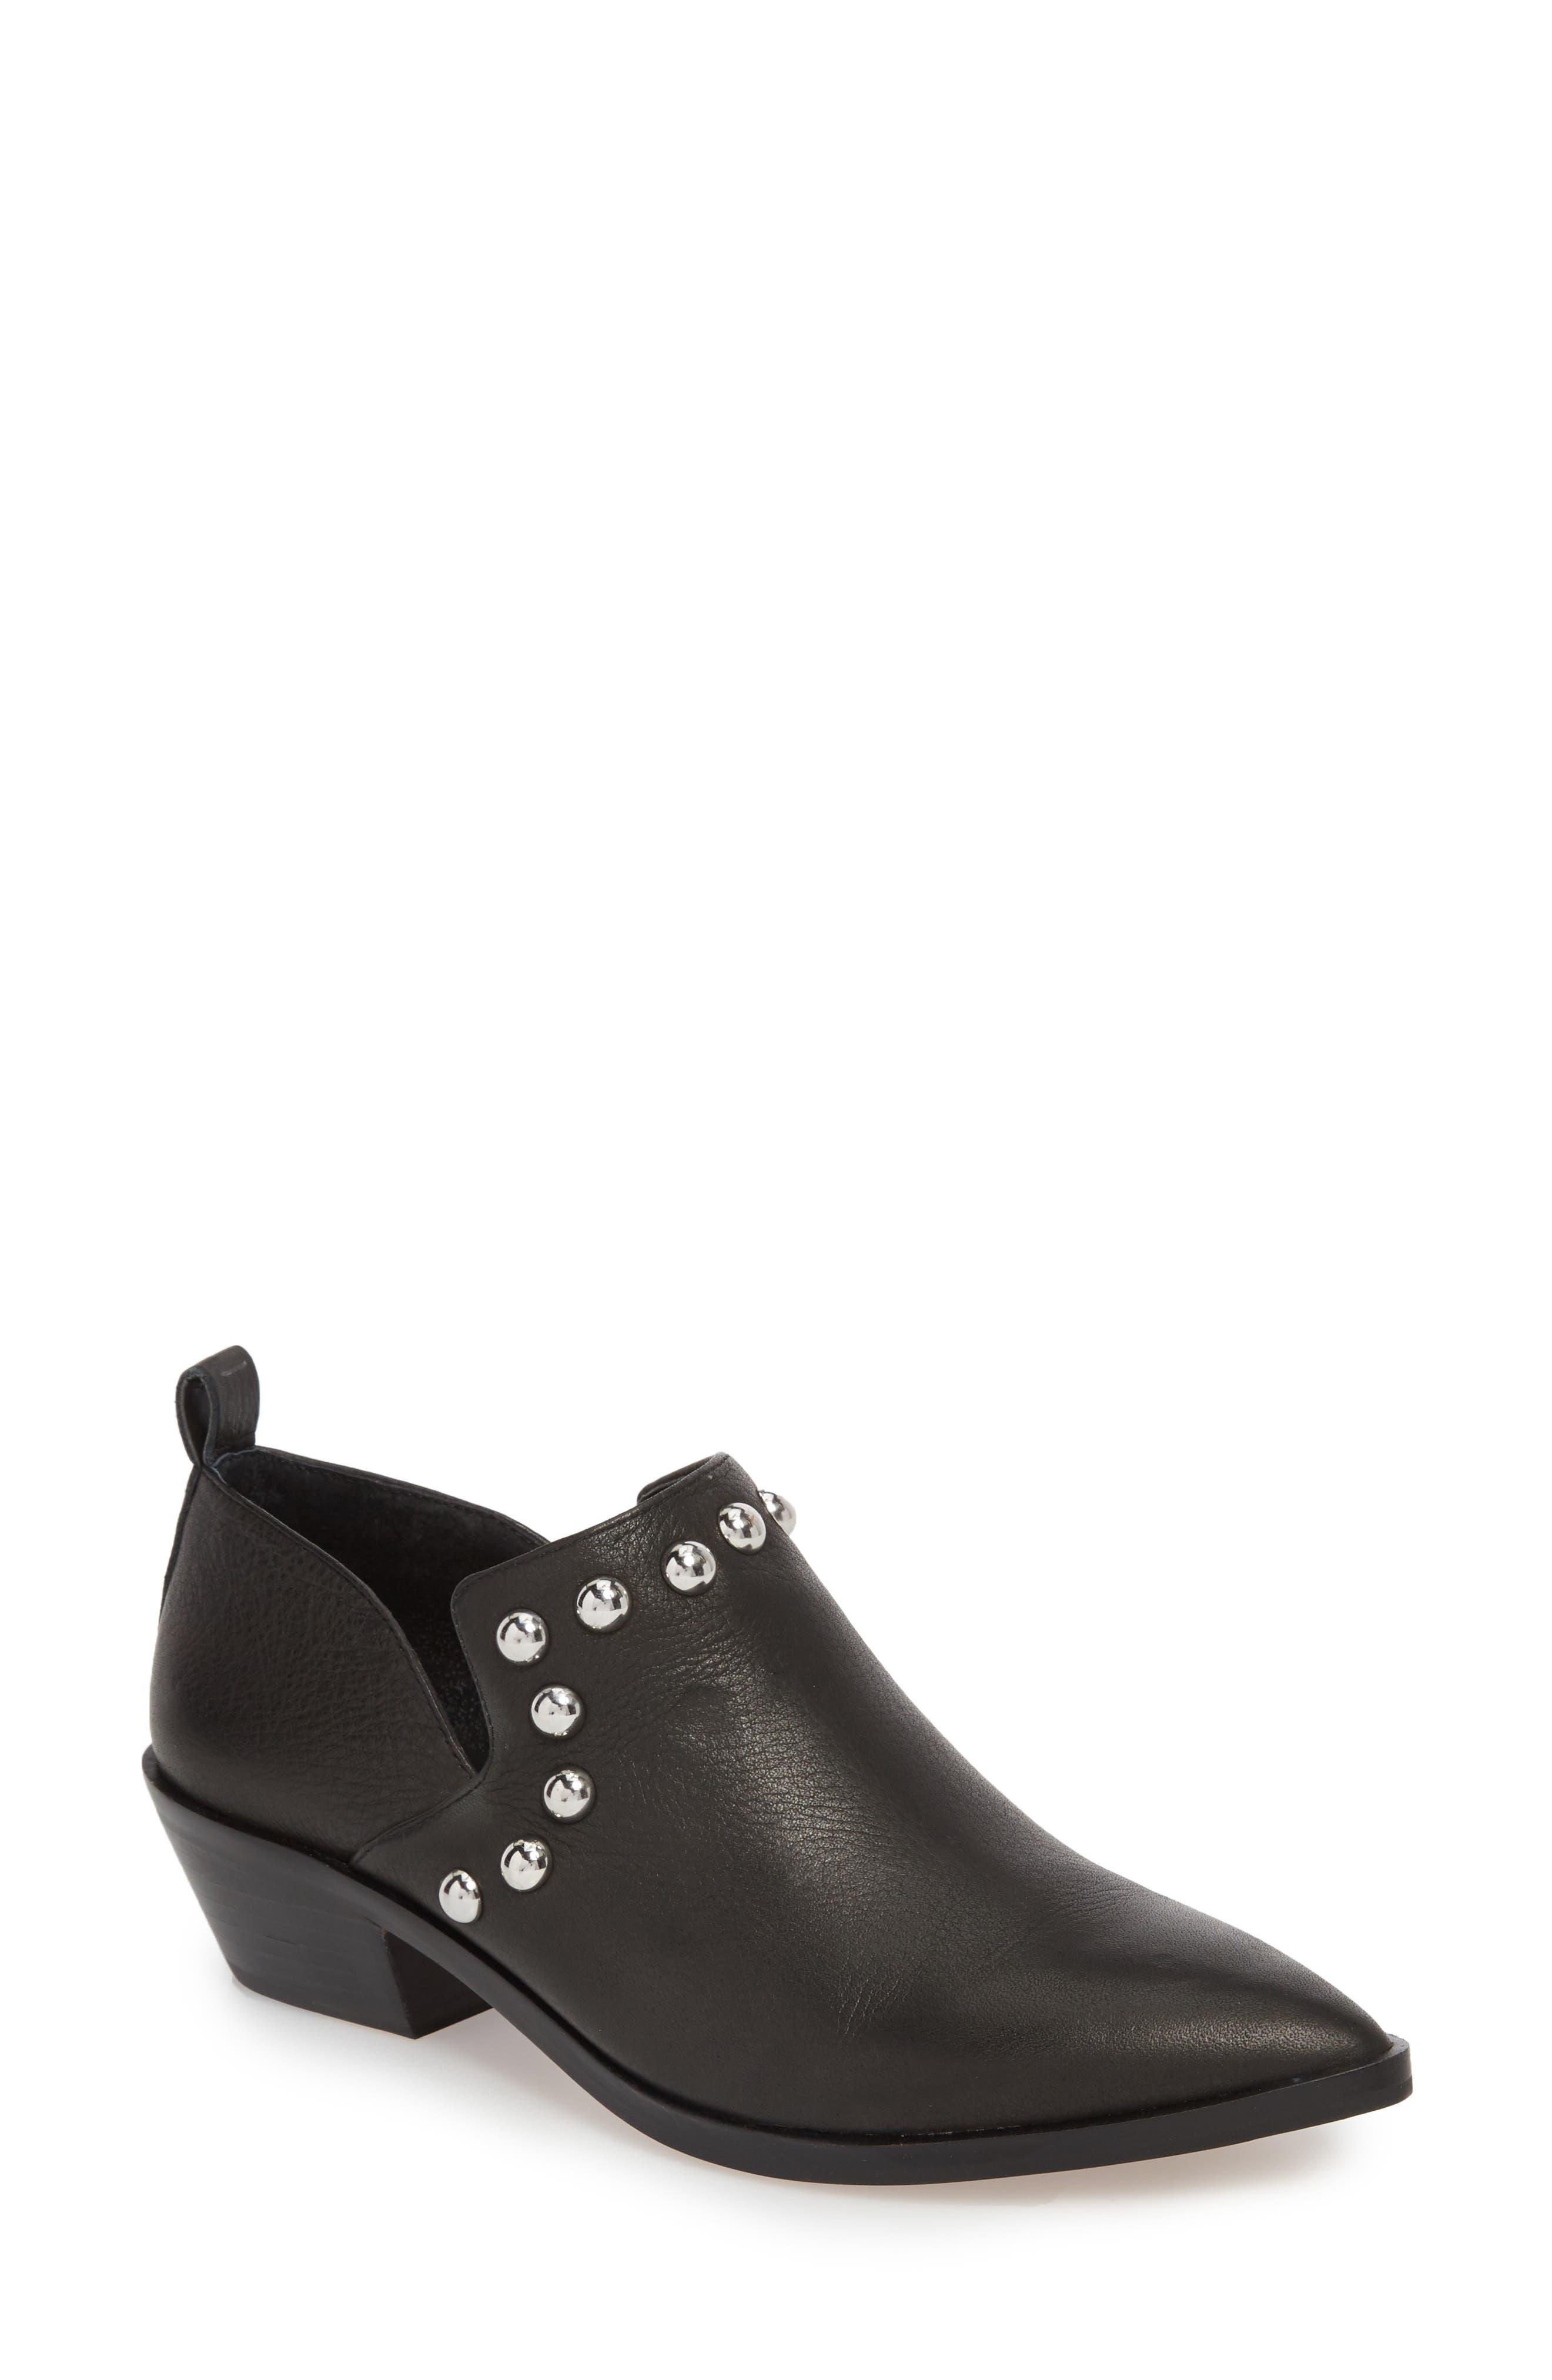 Rebecca Minkoff Katen Boot, Black